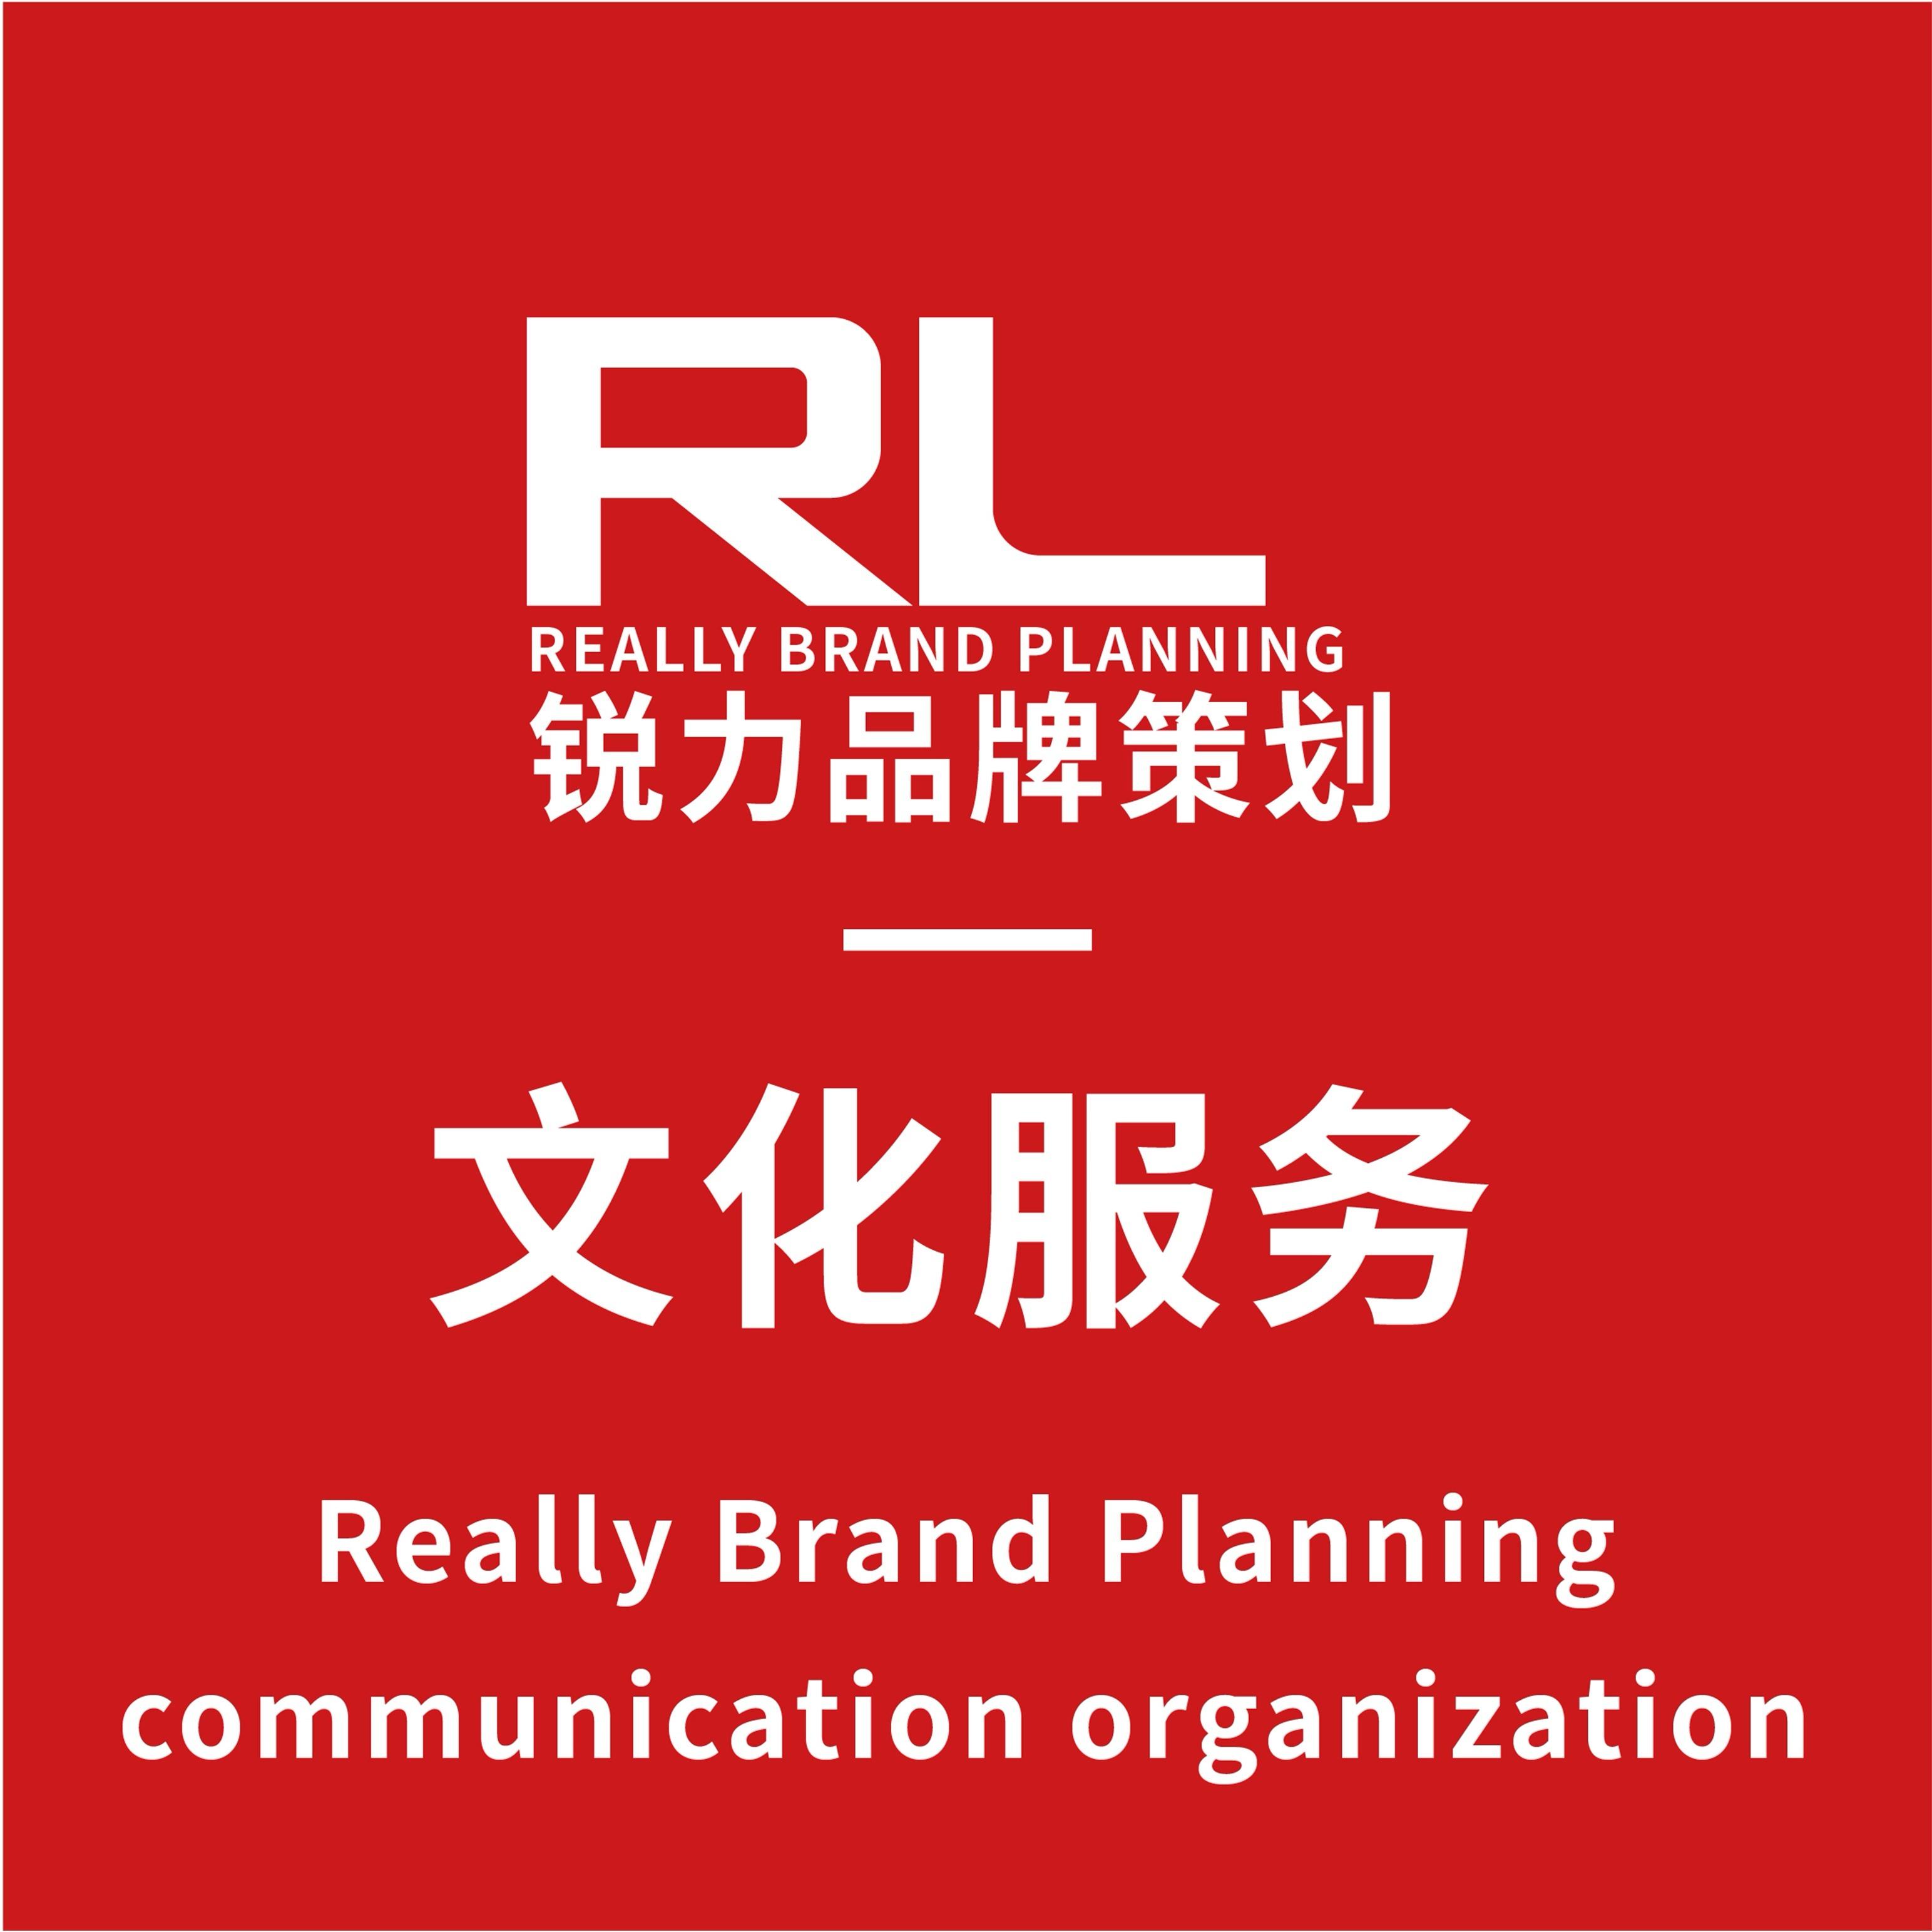 【文化教育】建材体育健身商业地产政府政logo企品牌物流汽车